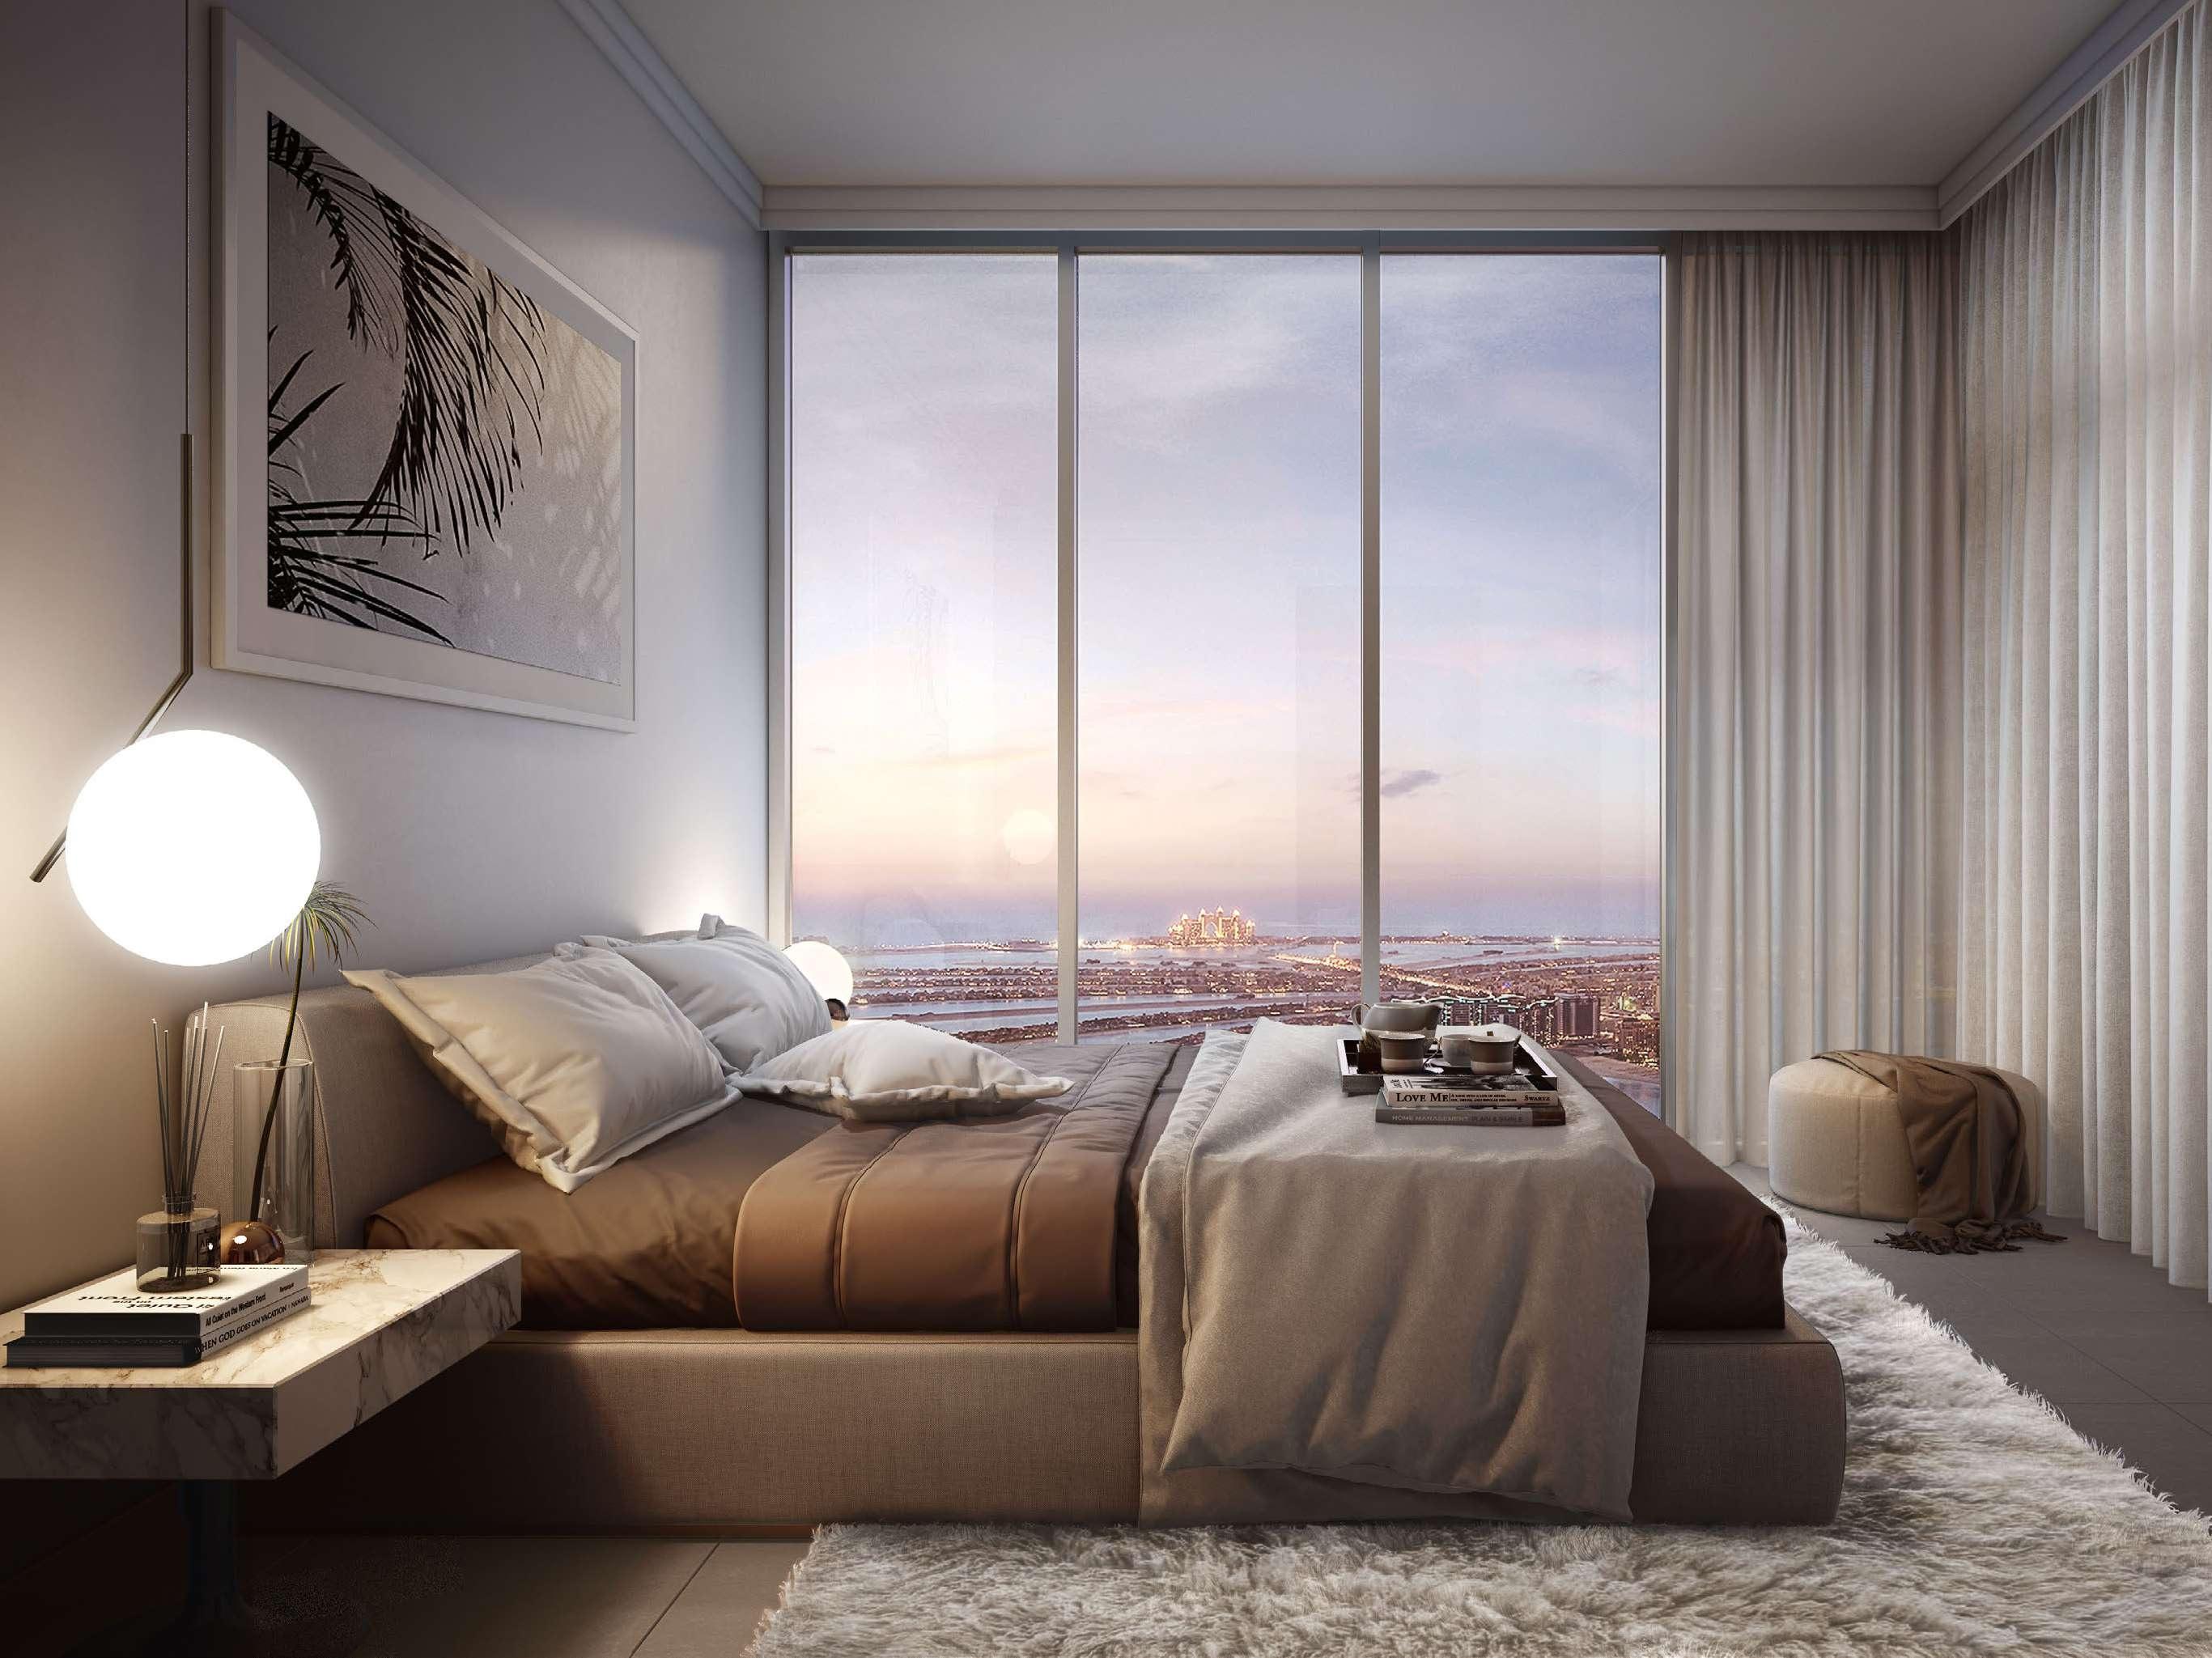 BEACH VISTA AT EMAAR BEACHFRONT bedroom